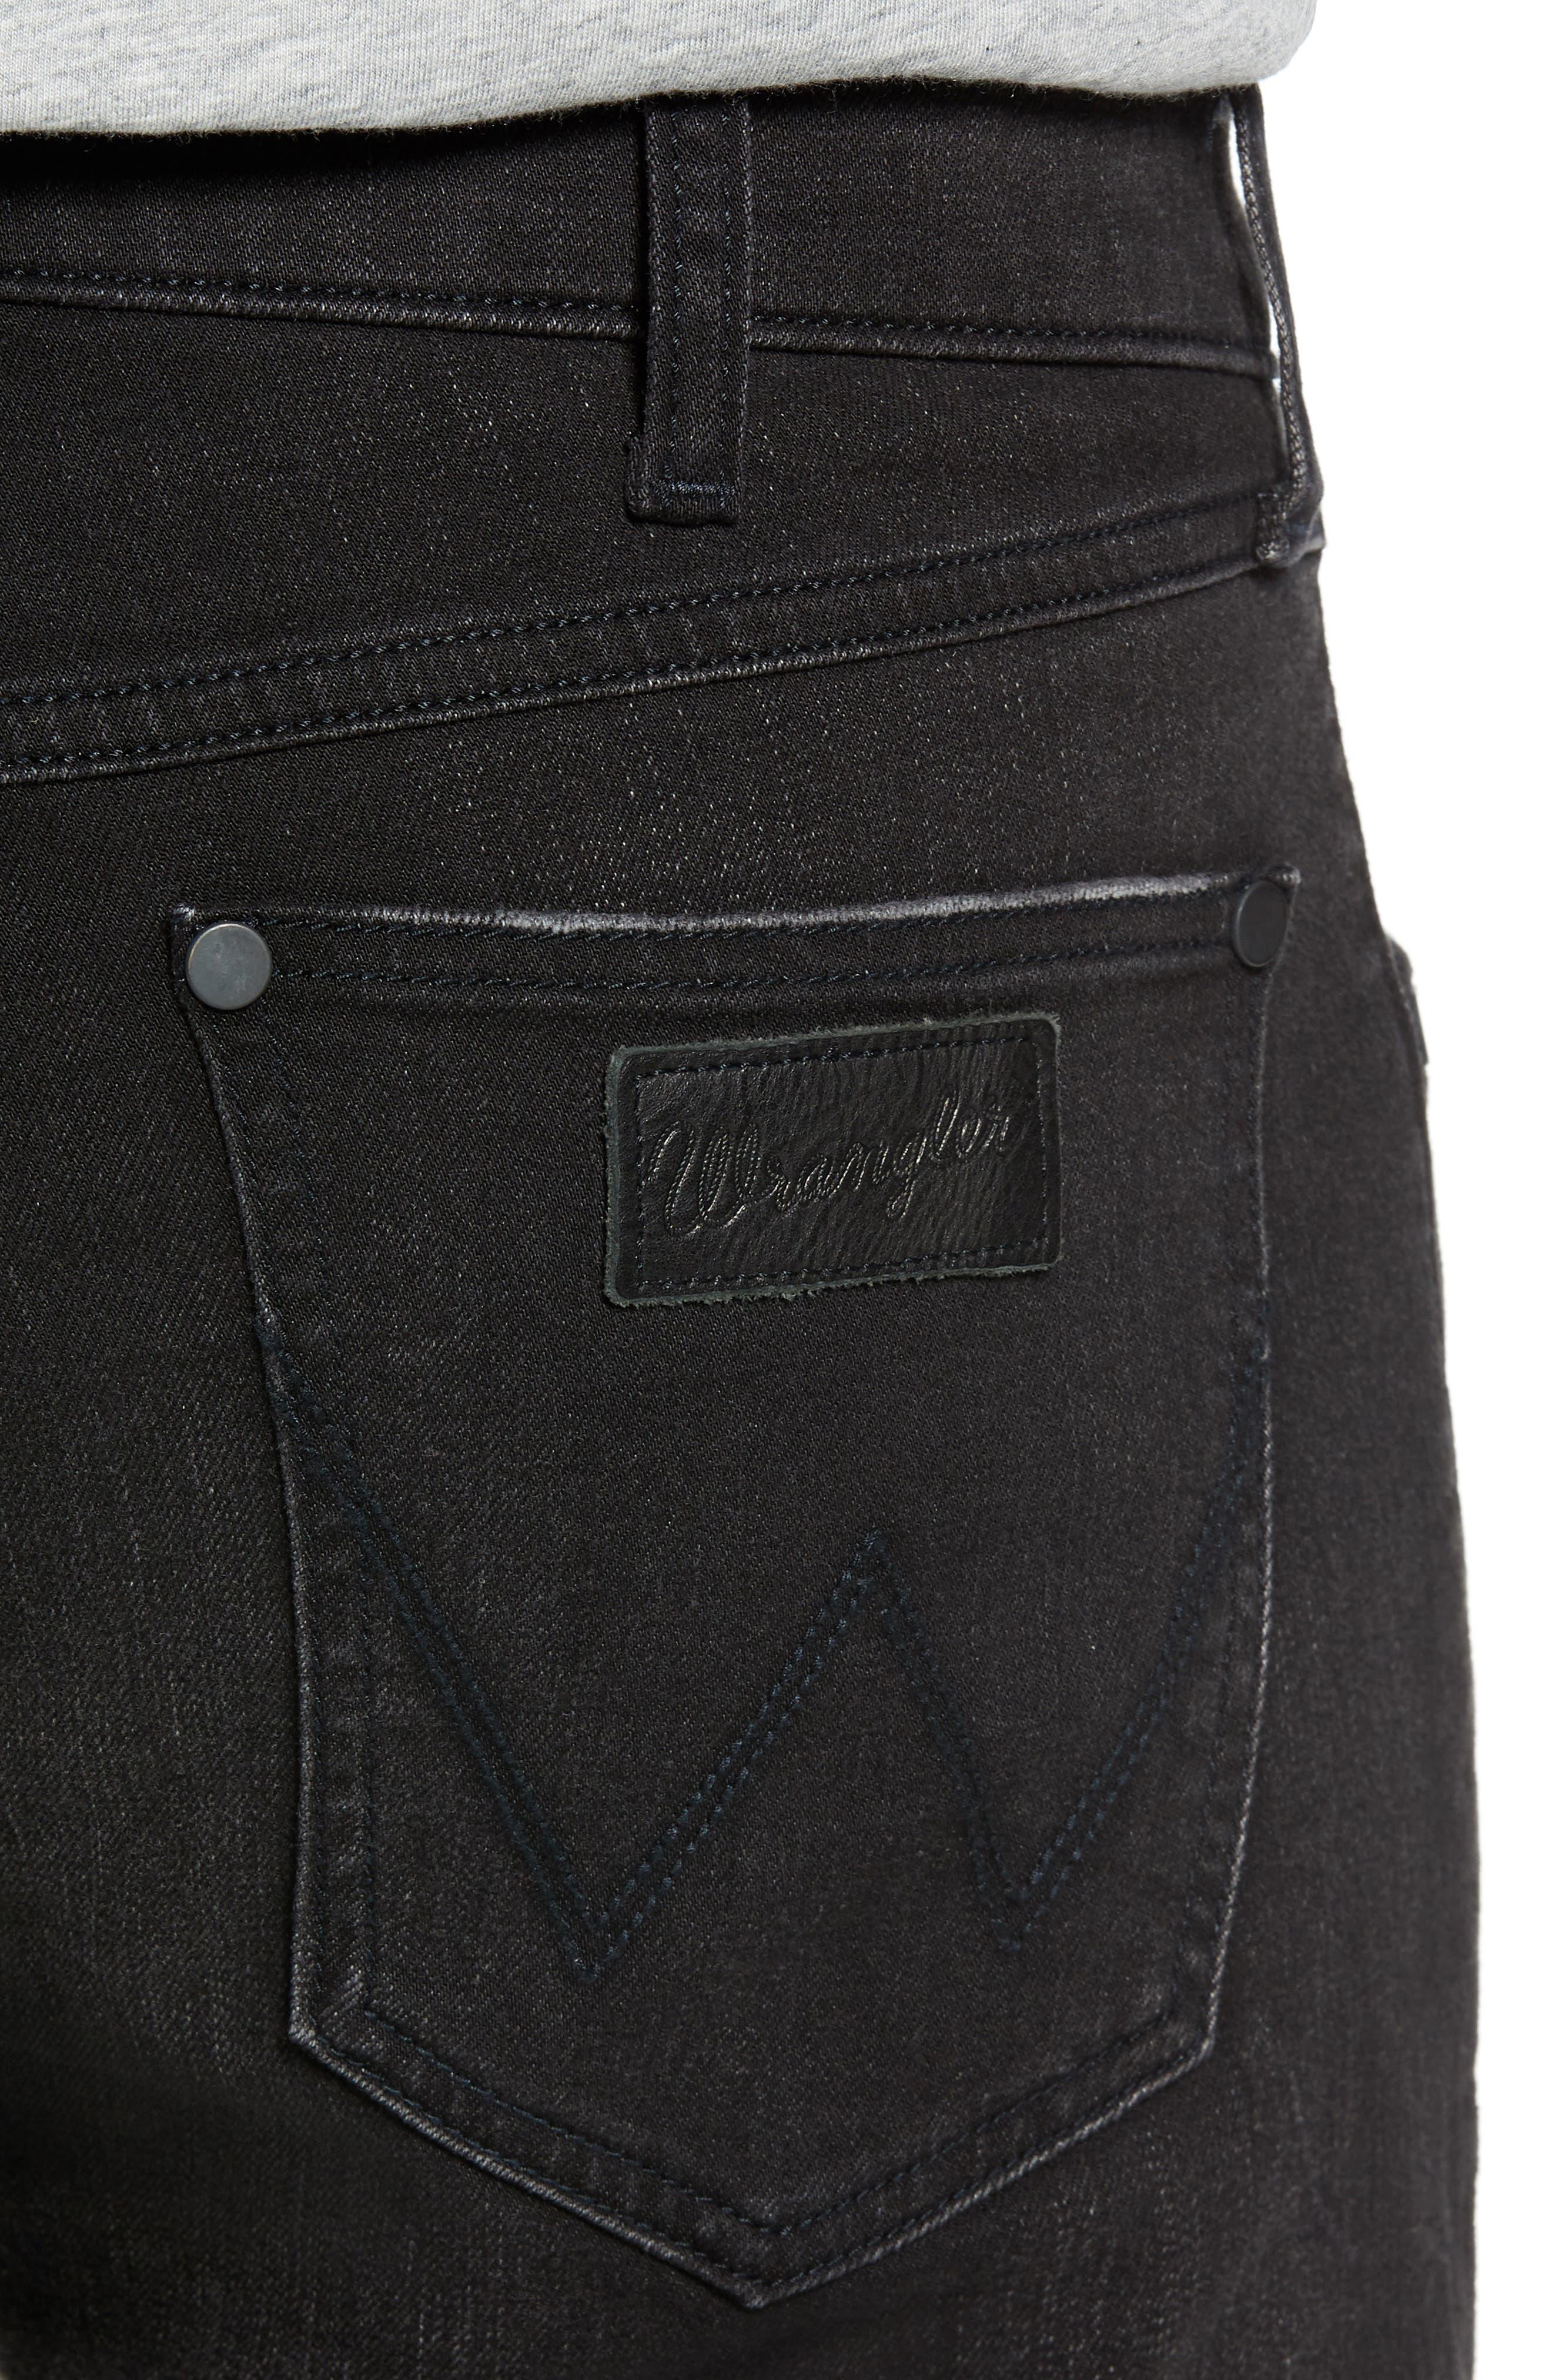 Greensboro Straight Leg Jeans,                             Alternate thumbnail 4, color,                             BLACK